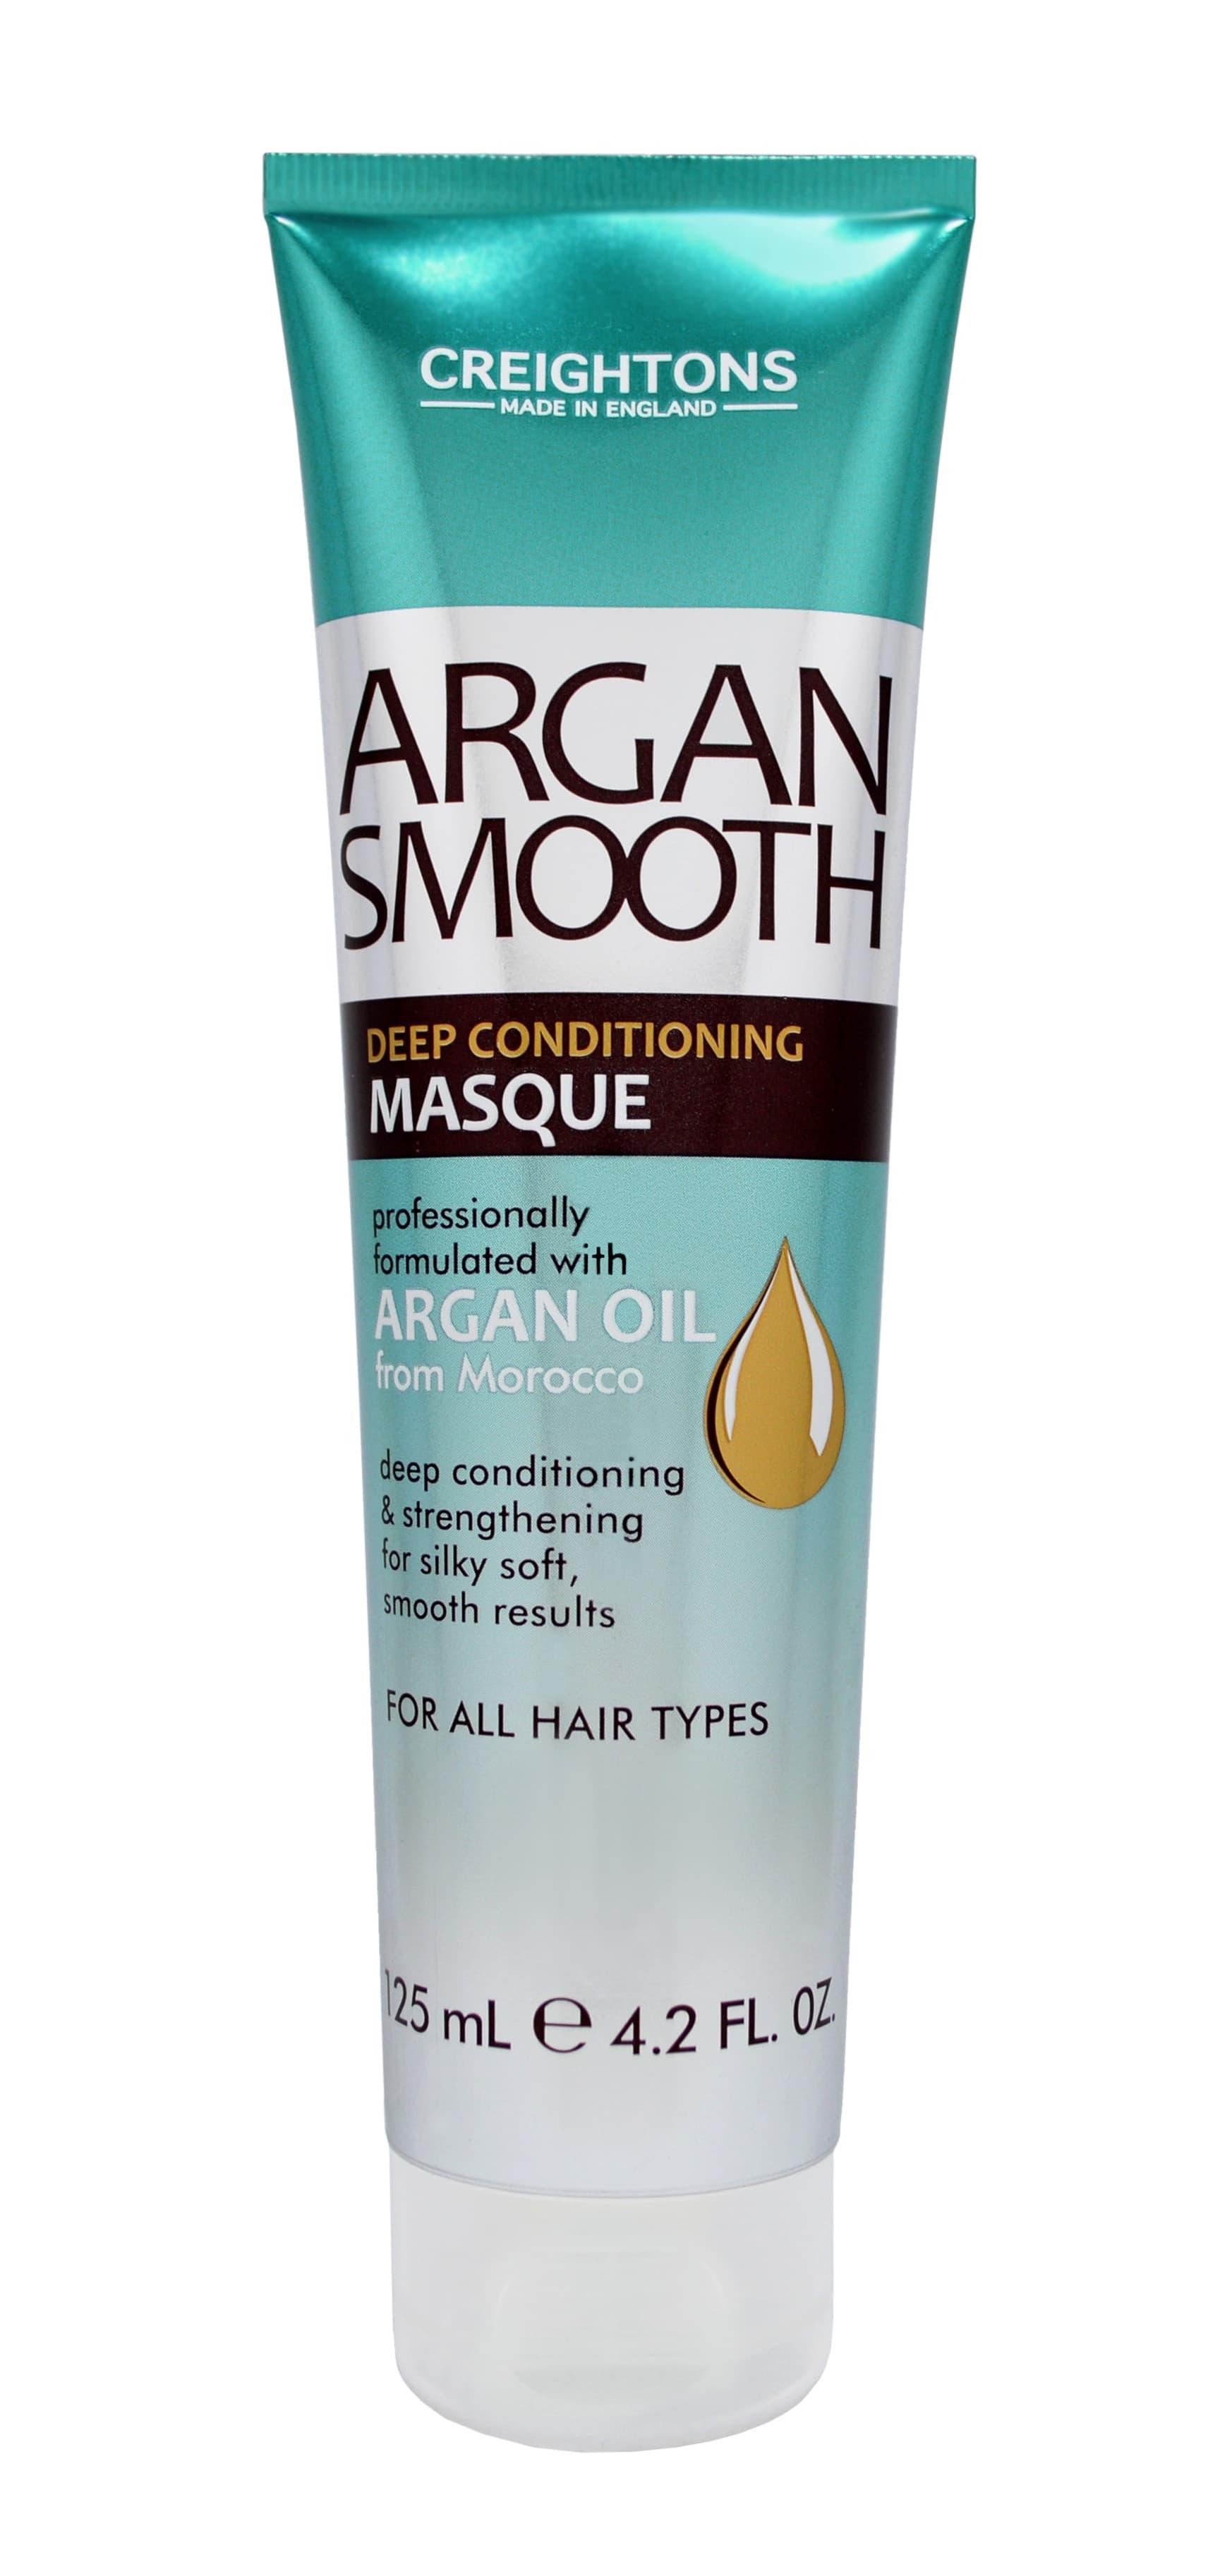 Argan Smooth Маска Для Глубокого Увлажнения Волос С Аргановым Маслом 125 Мл CREIGHTONS